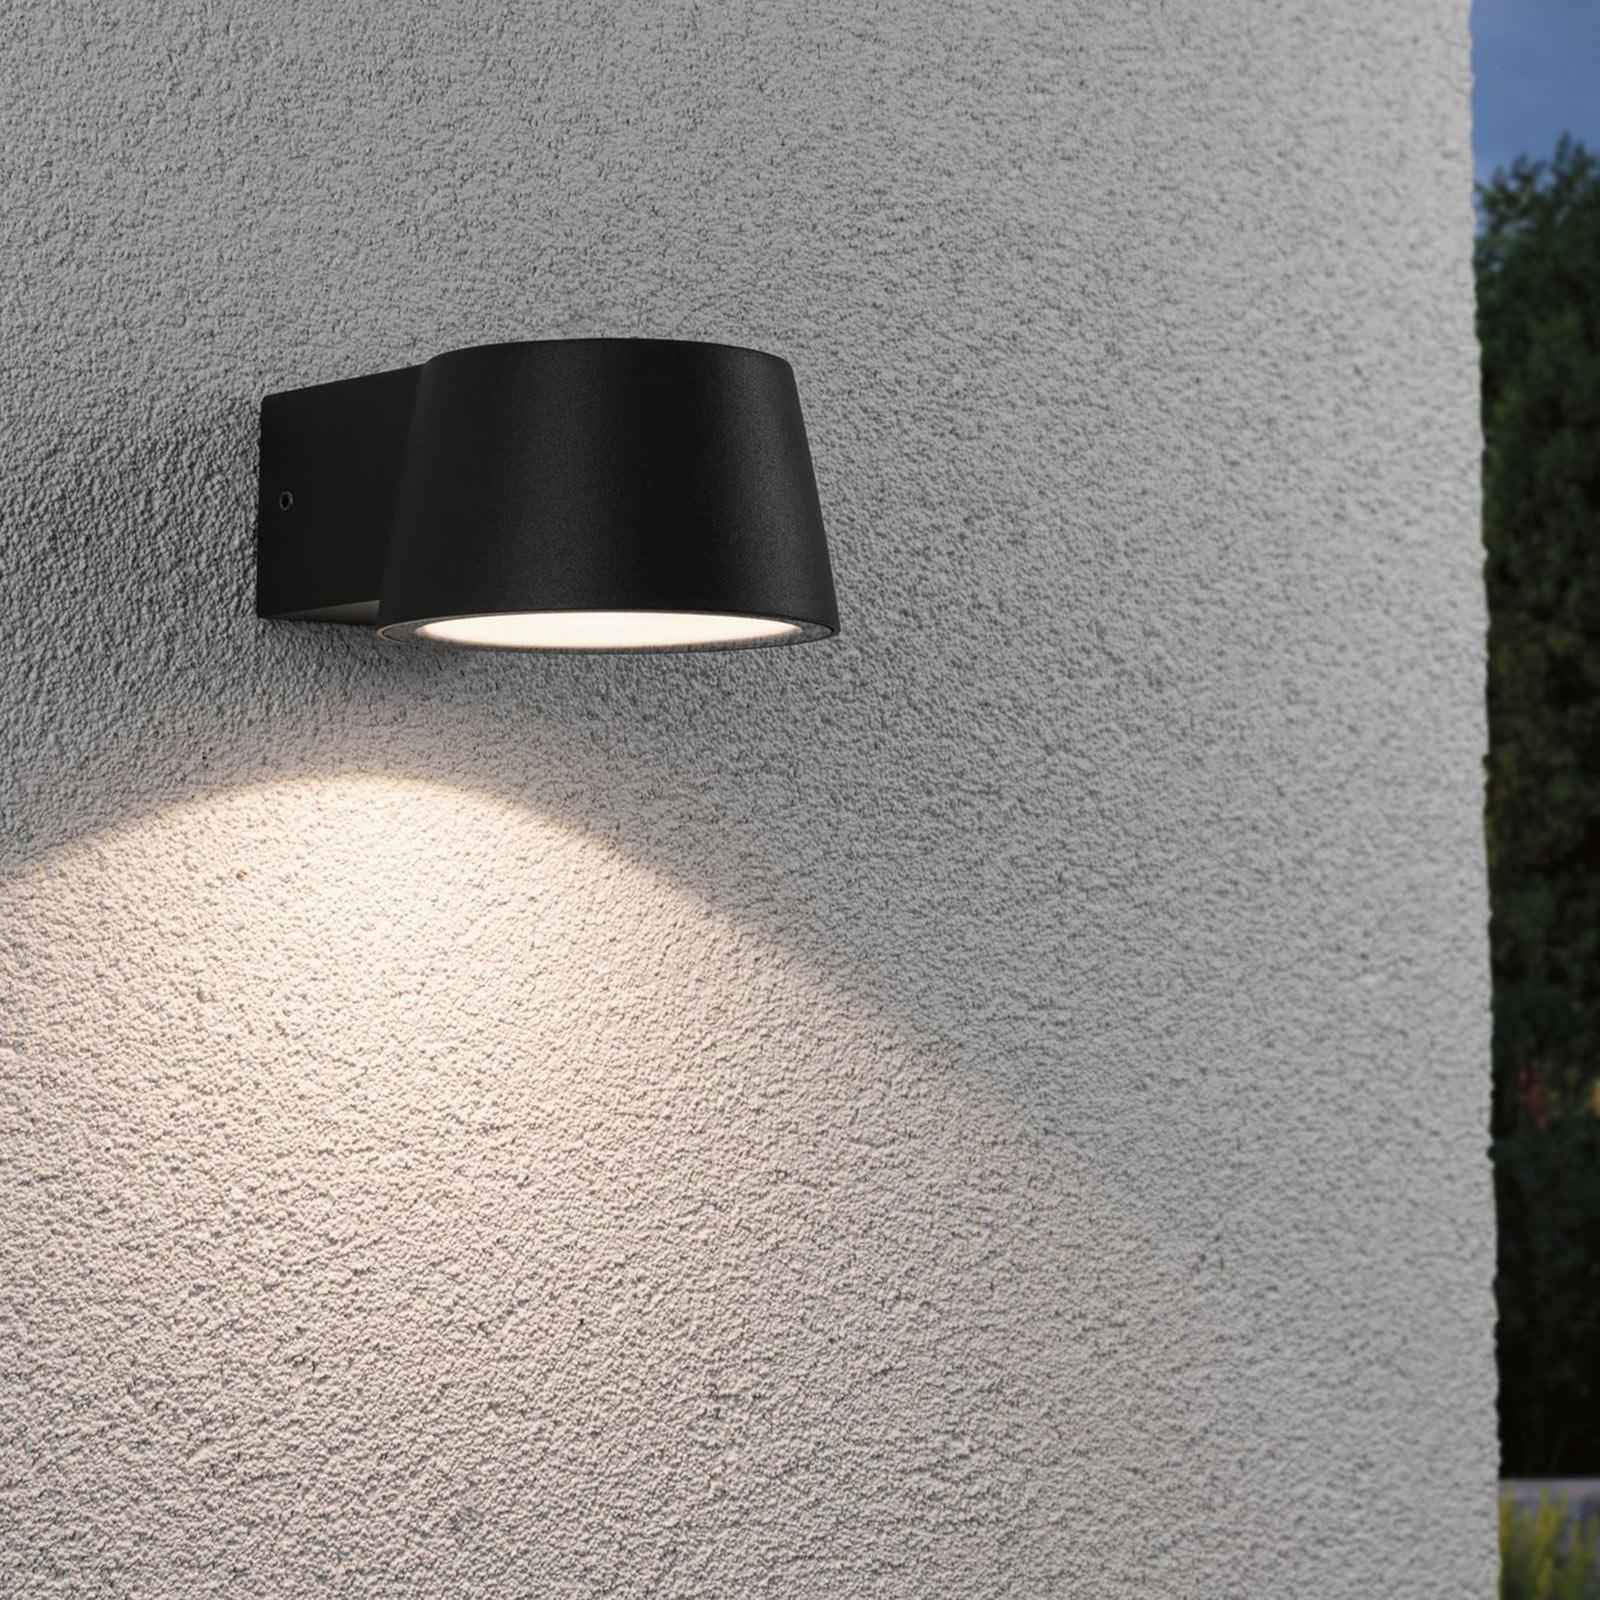 Paulmann Capea udendørs LED-væglampe